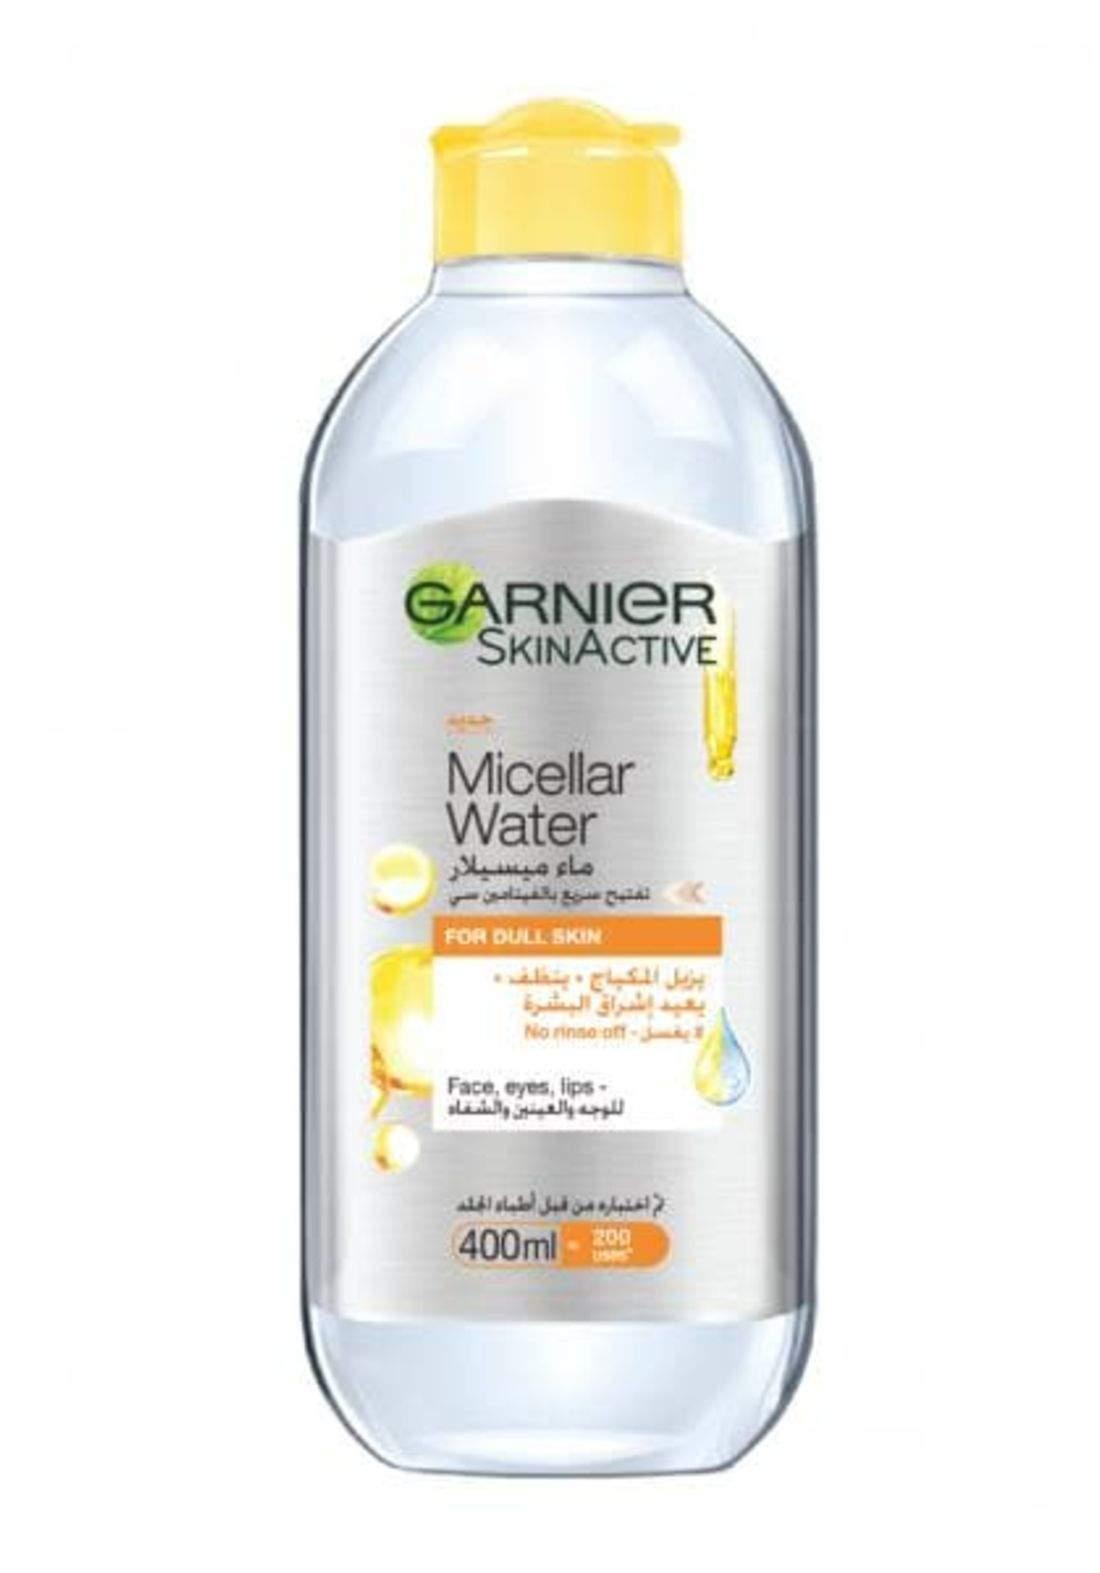 Garnier micellar cleansing water 400ml غارنيا ماء ميسيلار